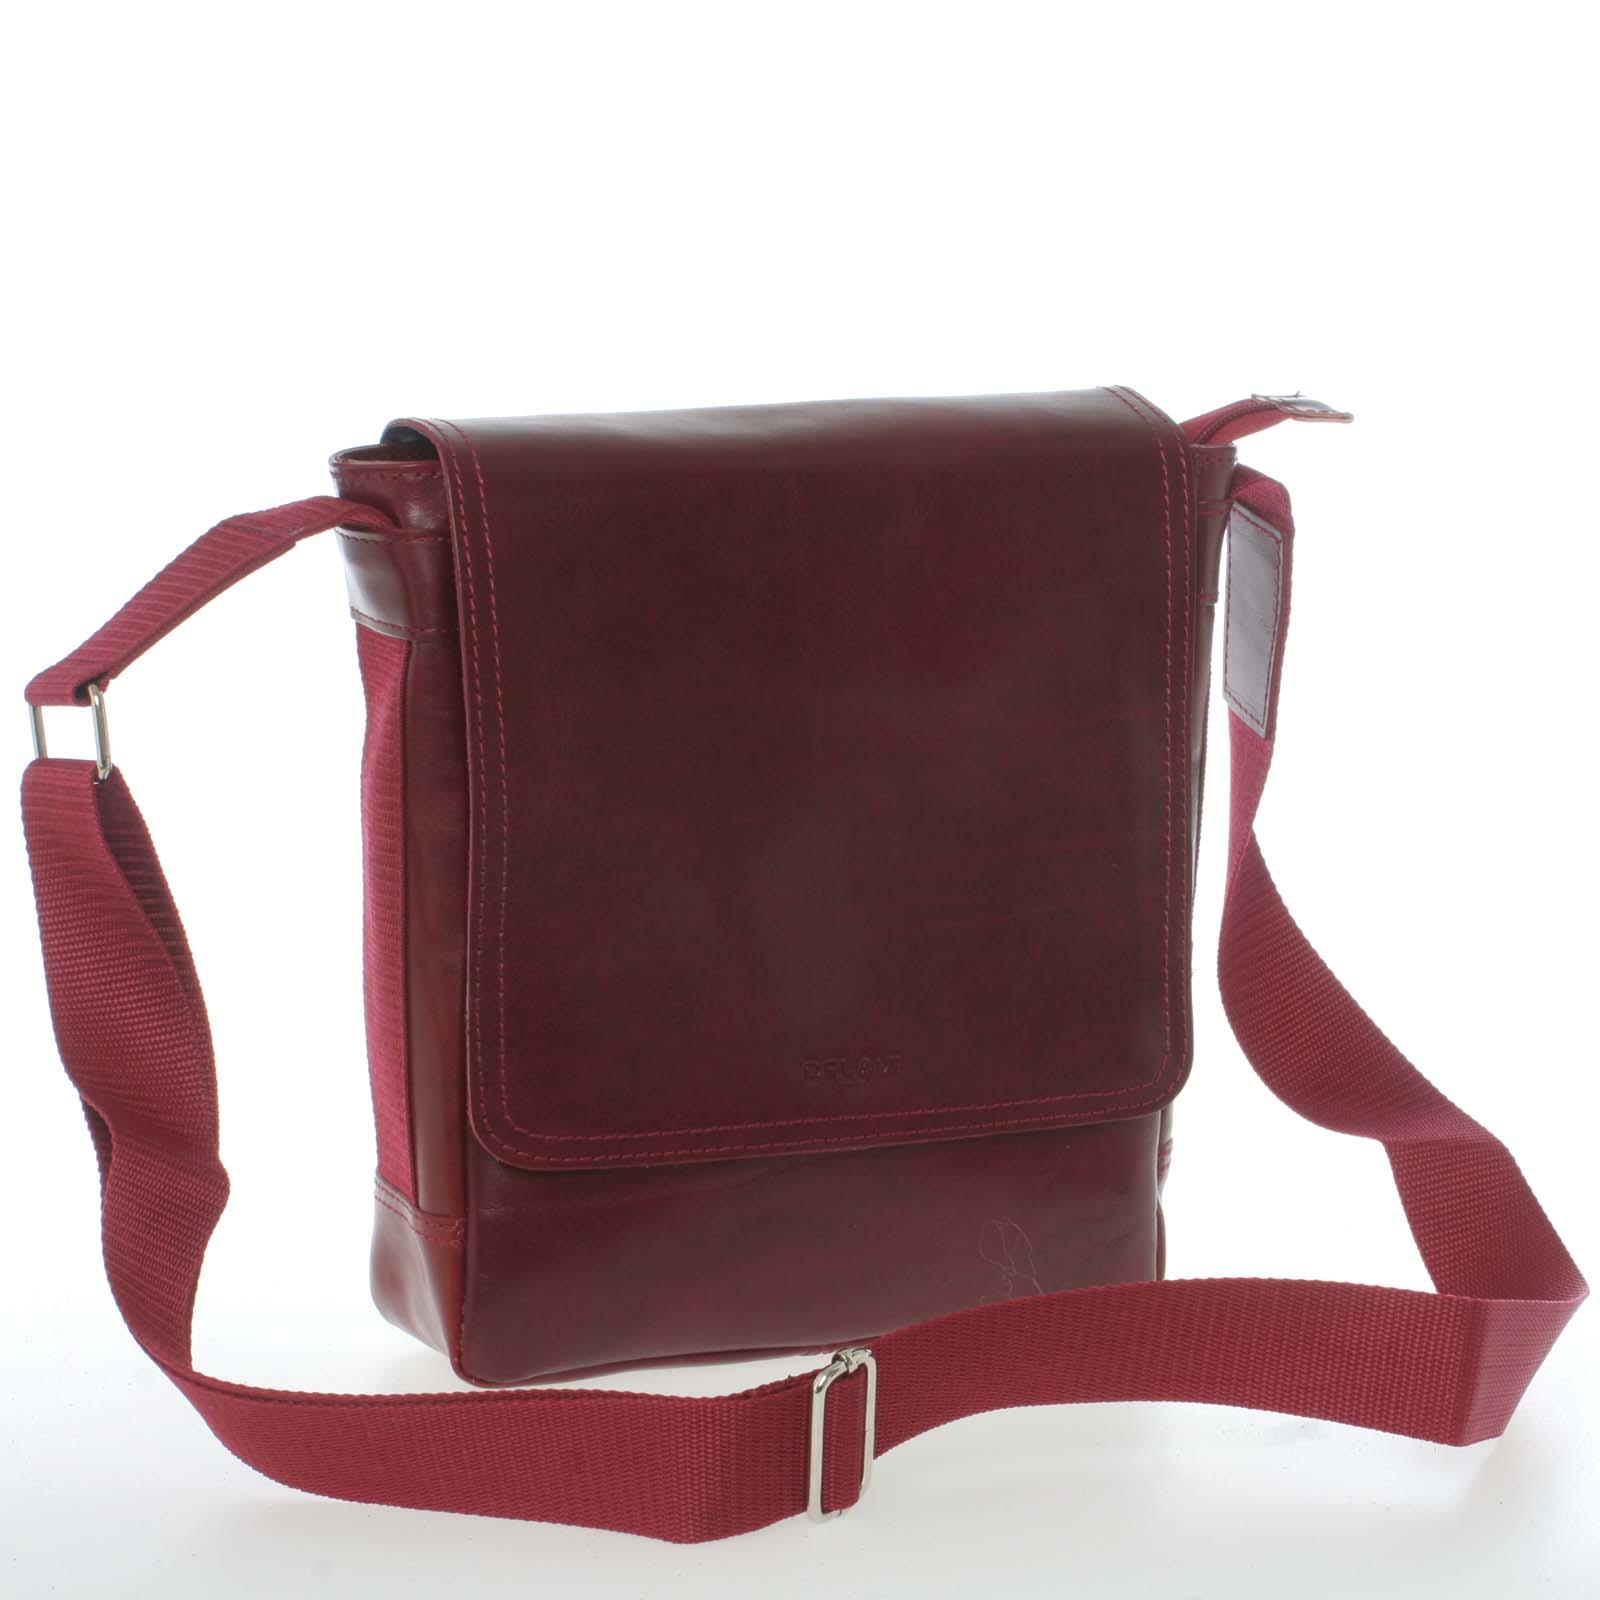 Červená stylová crossbody kožená taška - Delami 1246